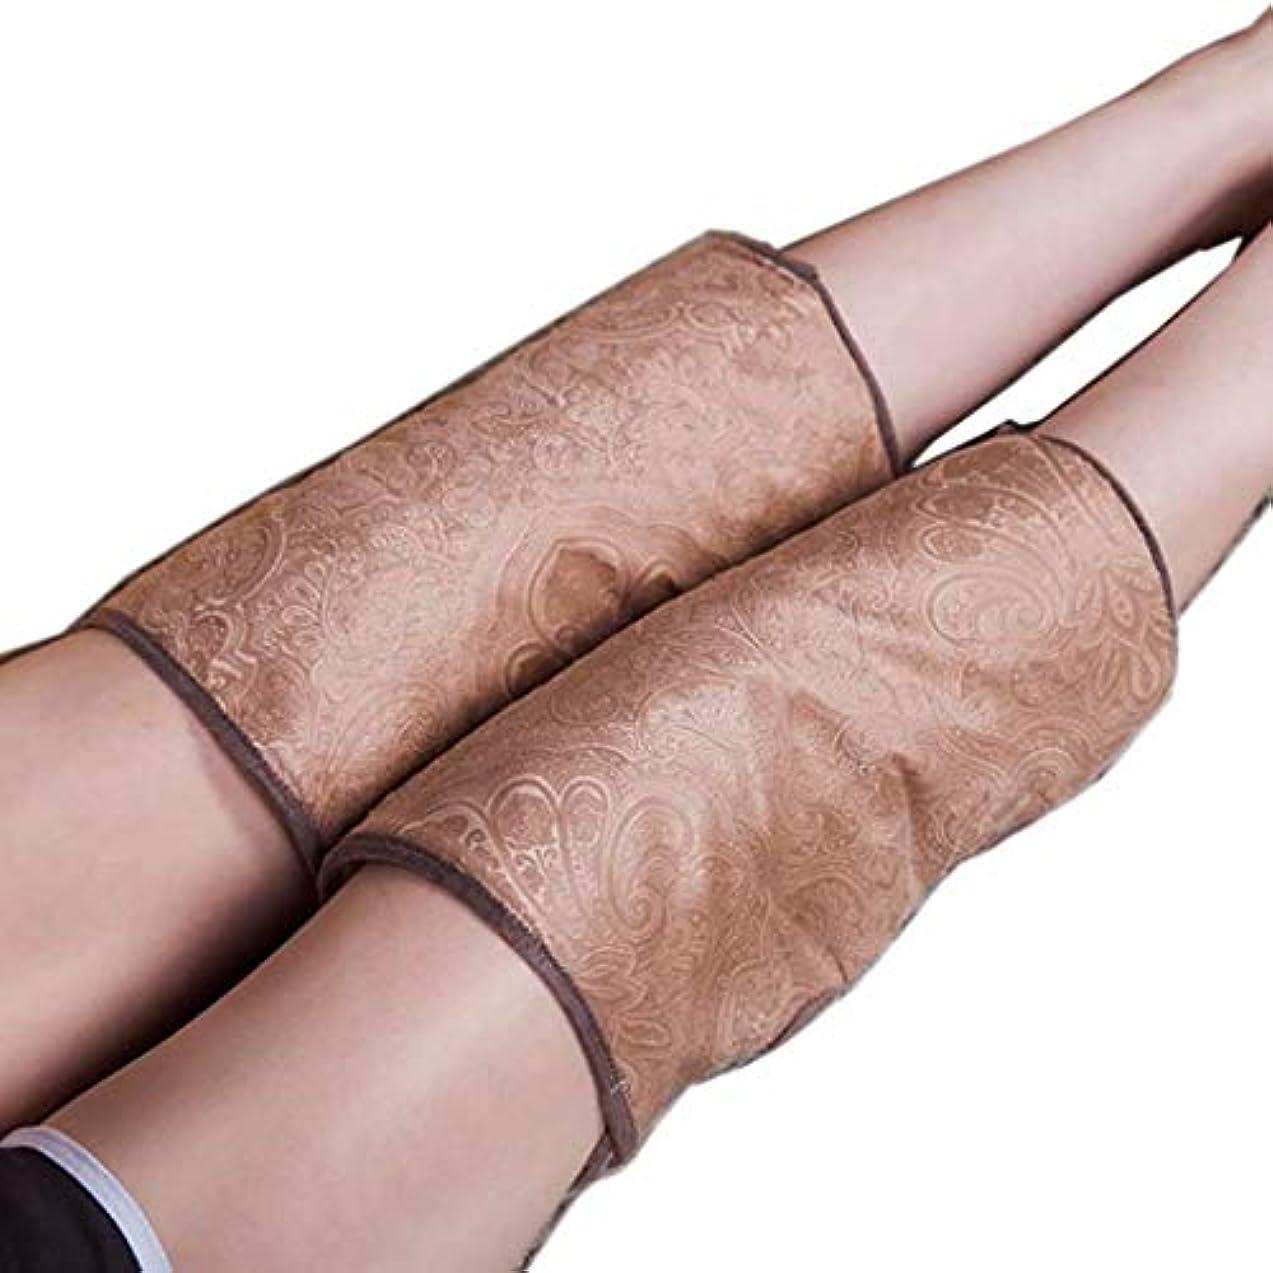 またね原始的なさわやか電動膝パッド、温かい古い膝、鍼治療のツボ、温湿布、体温調節、痛みの緩和、血液循環の促進